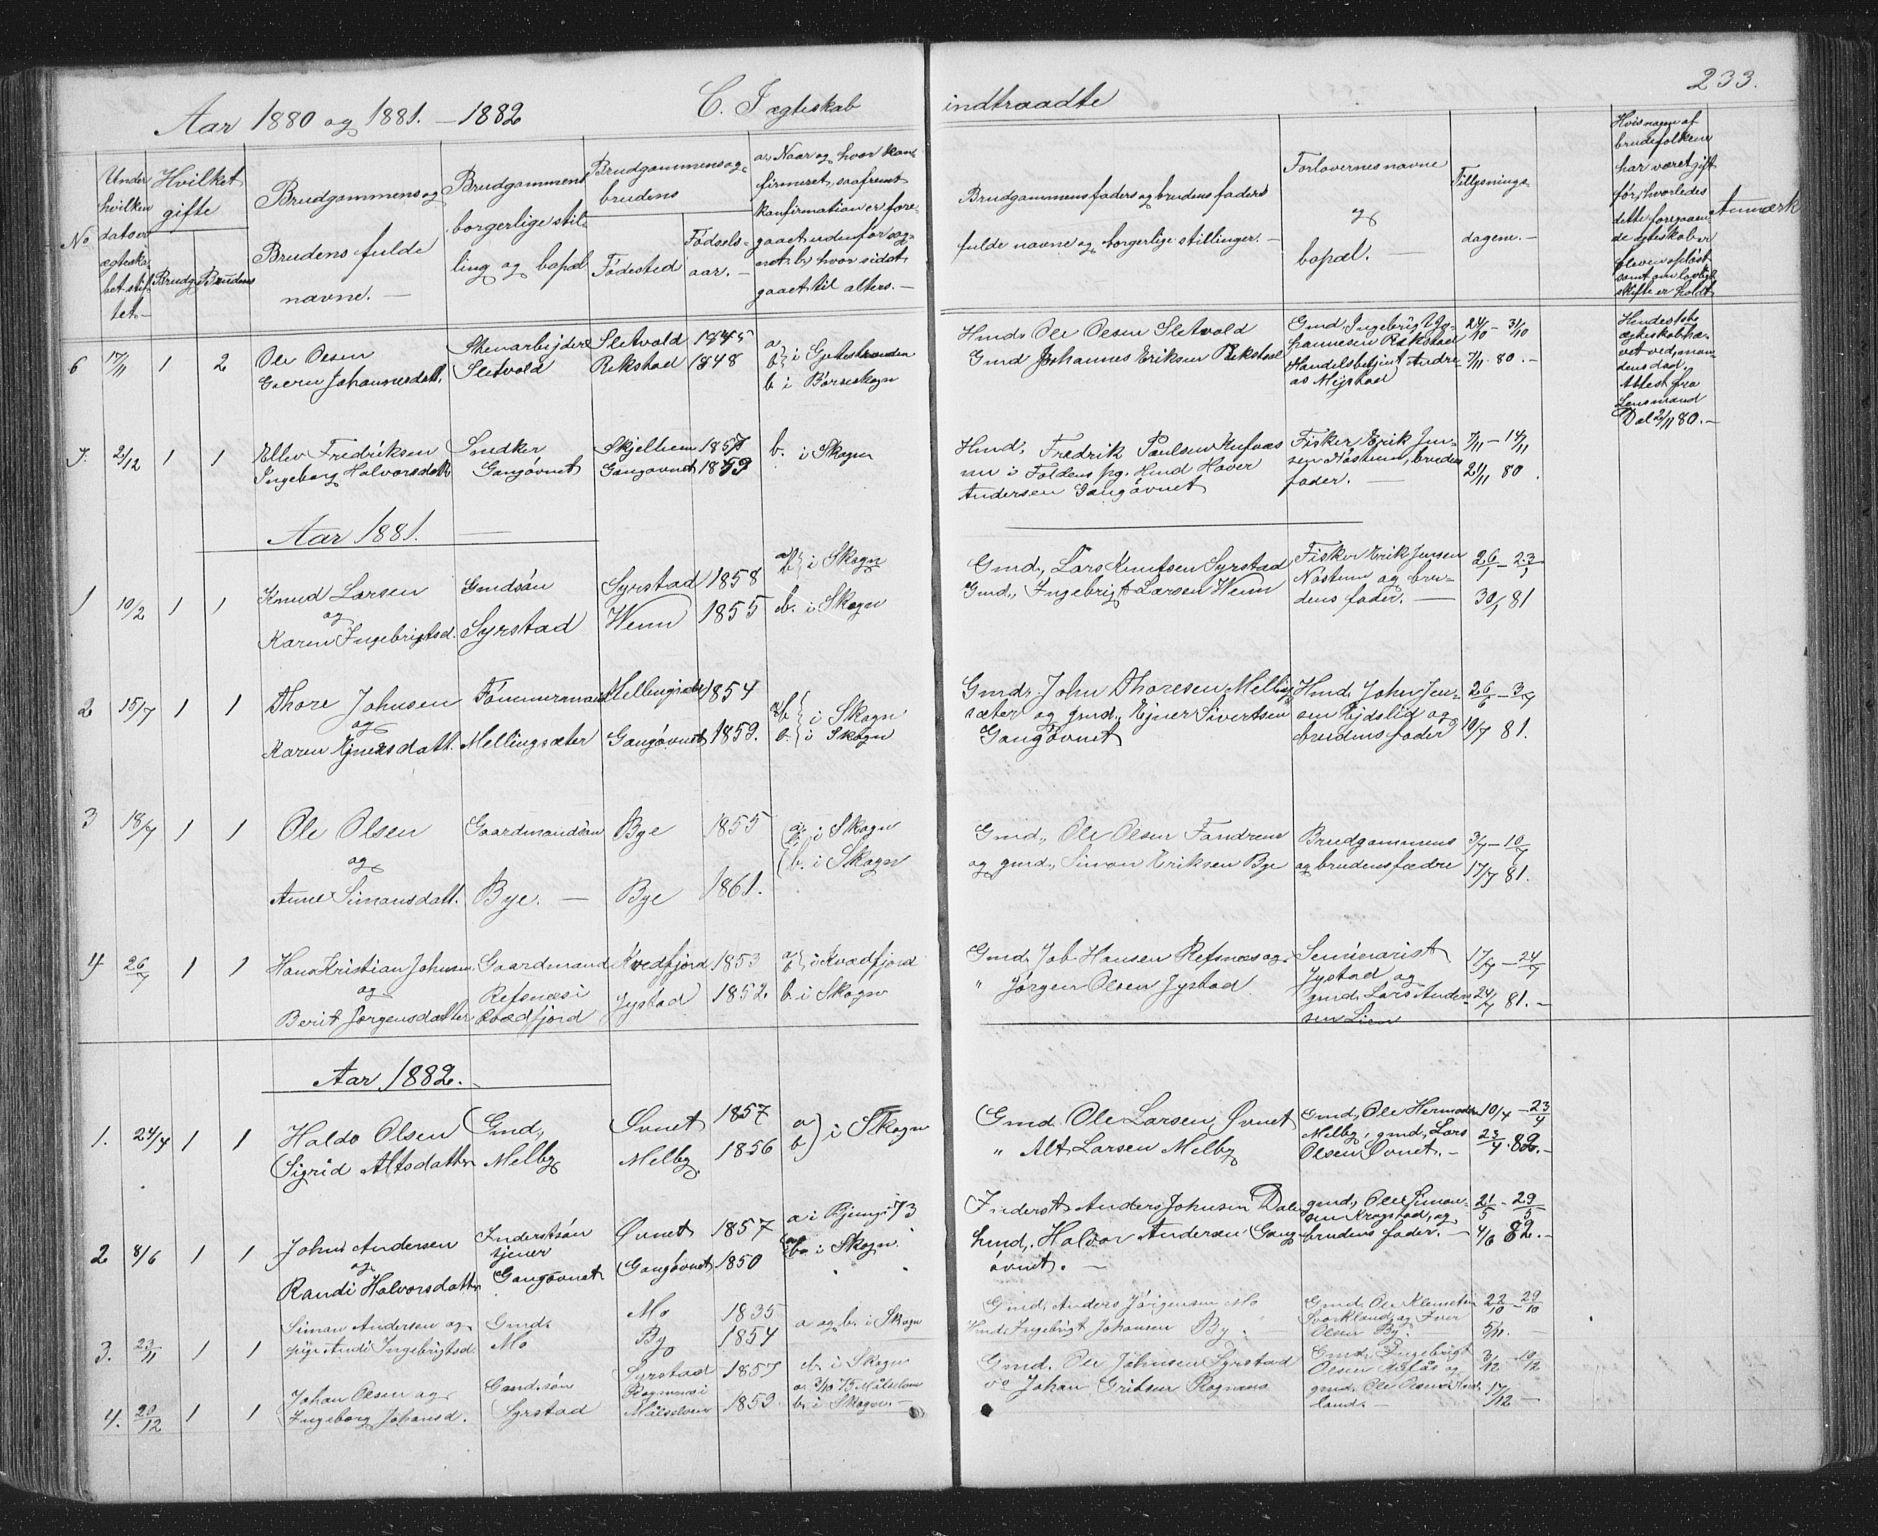 SAT, Ministerialprotokoller, klokkerbøker og fødselsregistre - Sør-Trøndelag, 667/L0798: Klokkerbok nr. 667C03, 1867-1929, s. 233